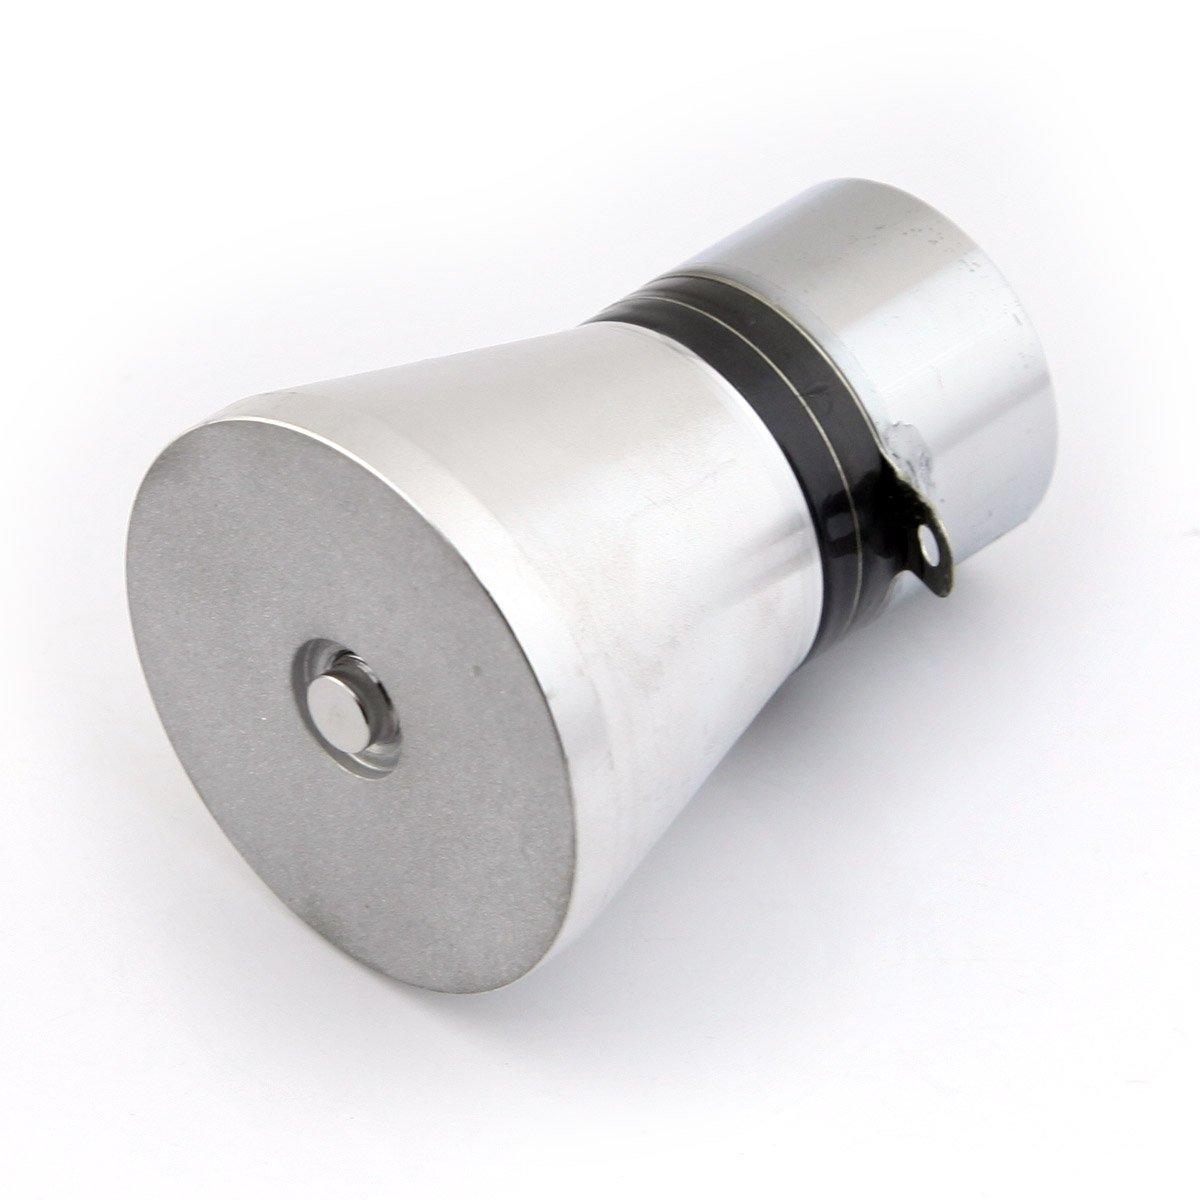 60W 25kHz à ultrasons transducteur à ultrasons transducteur piézoélectrique pour aspirateur Owfeel(TM)